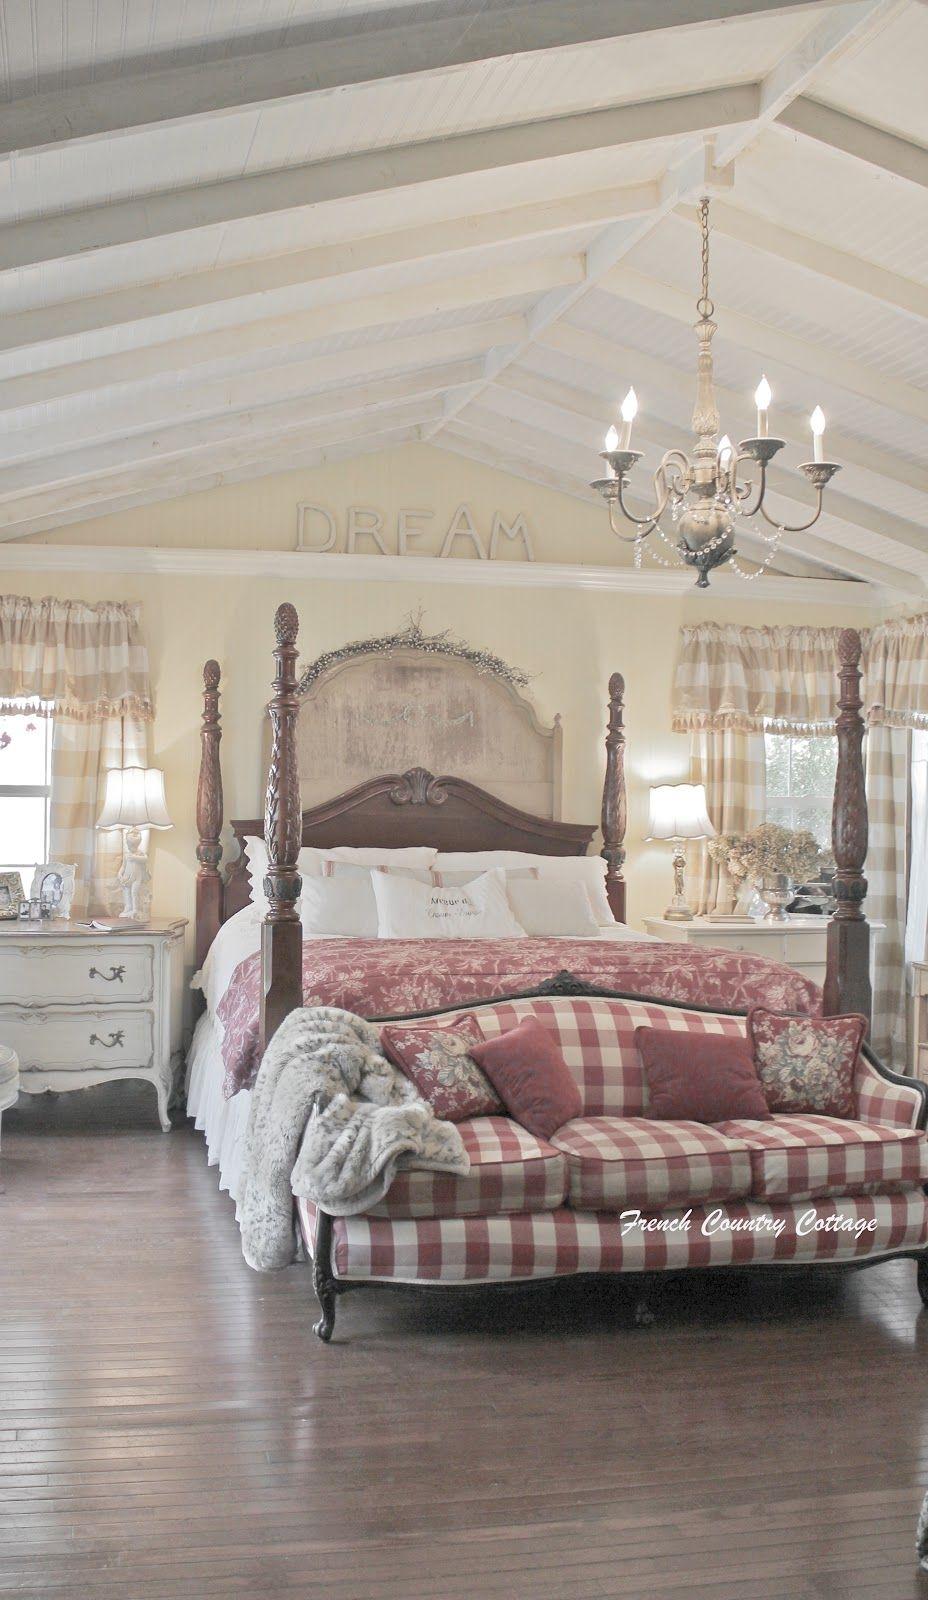 Dormitorio de estilo francés :: Preciosa casa rural